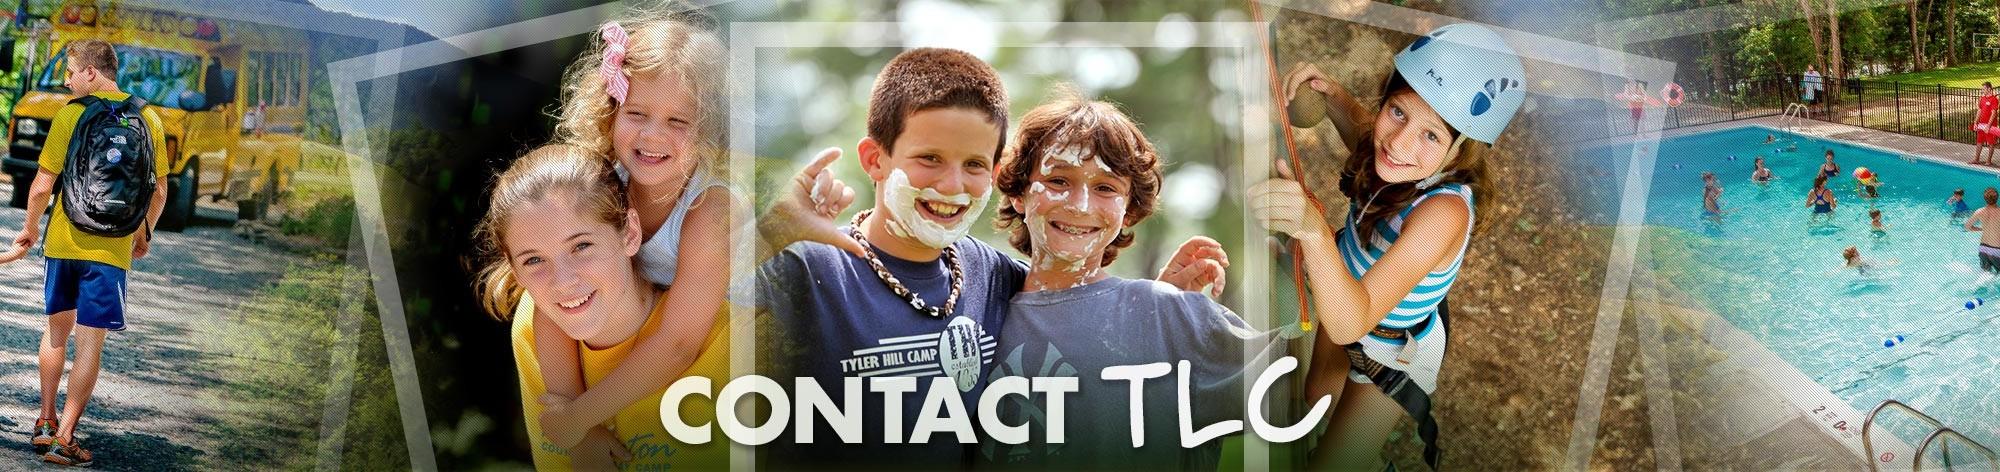 Contact TLC